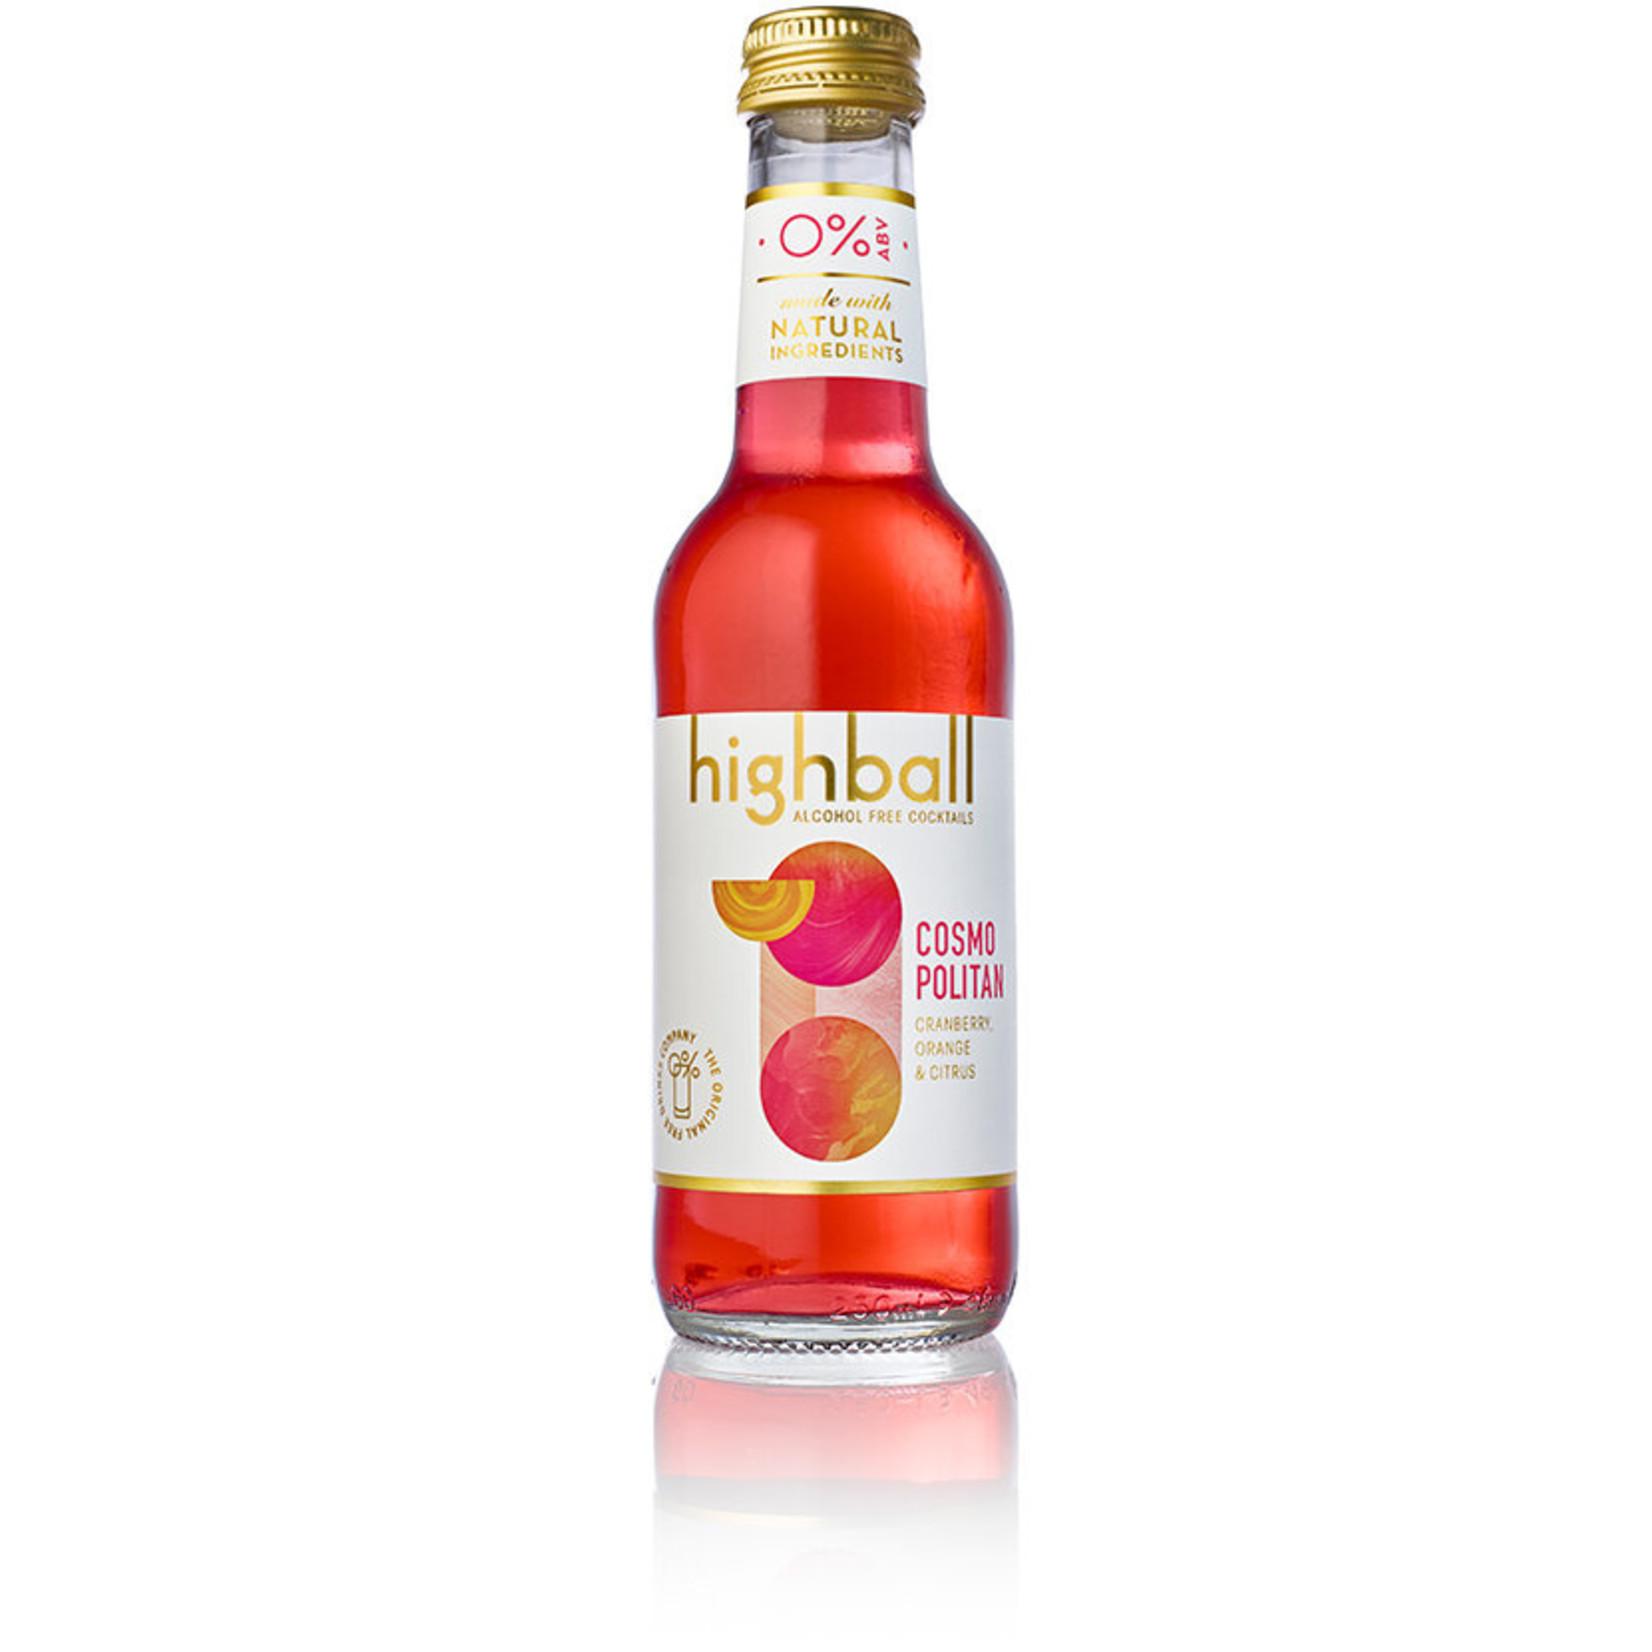 Highball Cosmopolitan 0%